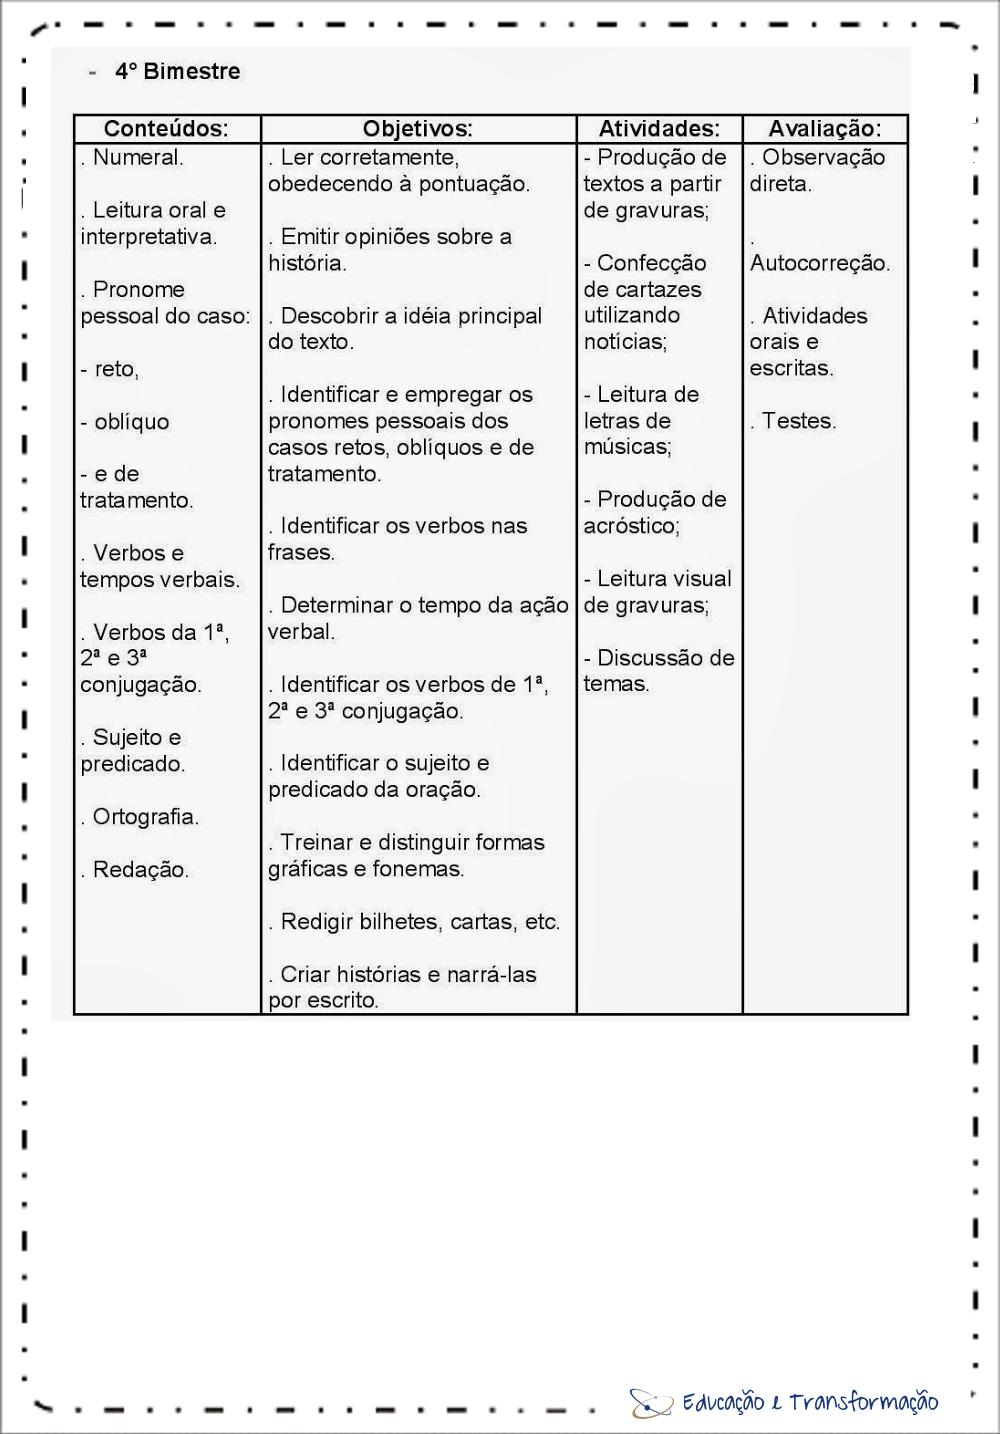 Planejamento anual 4 ano de Português 4º Bimestre